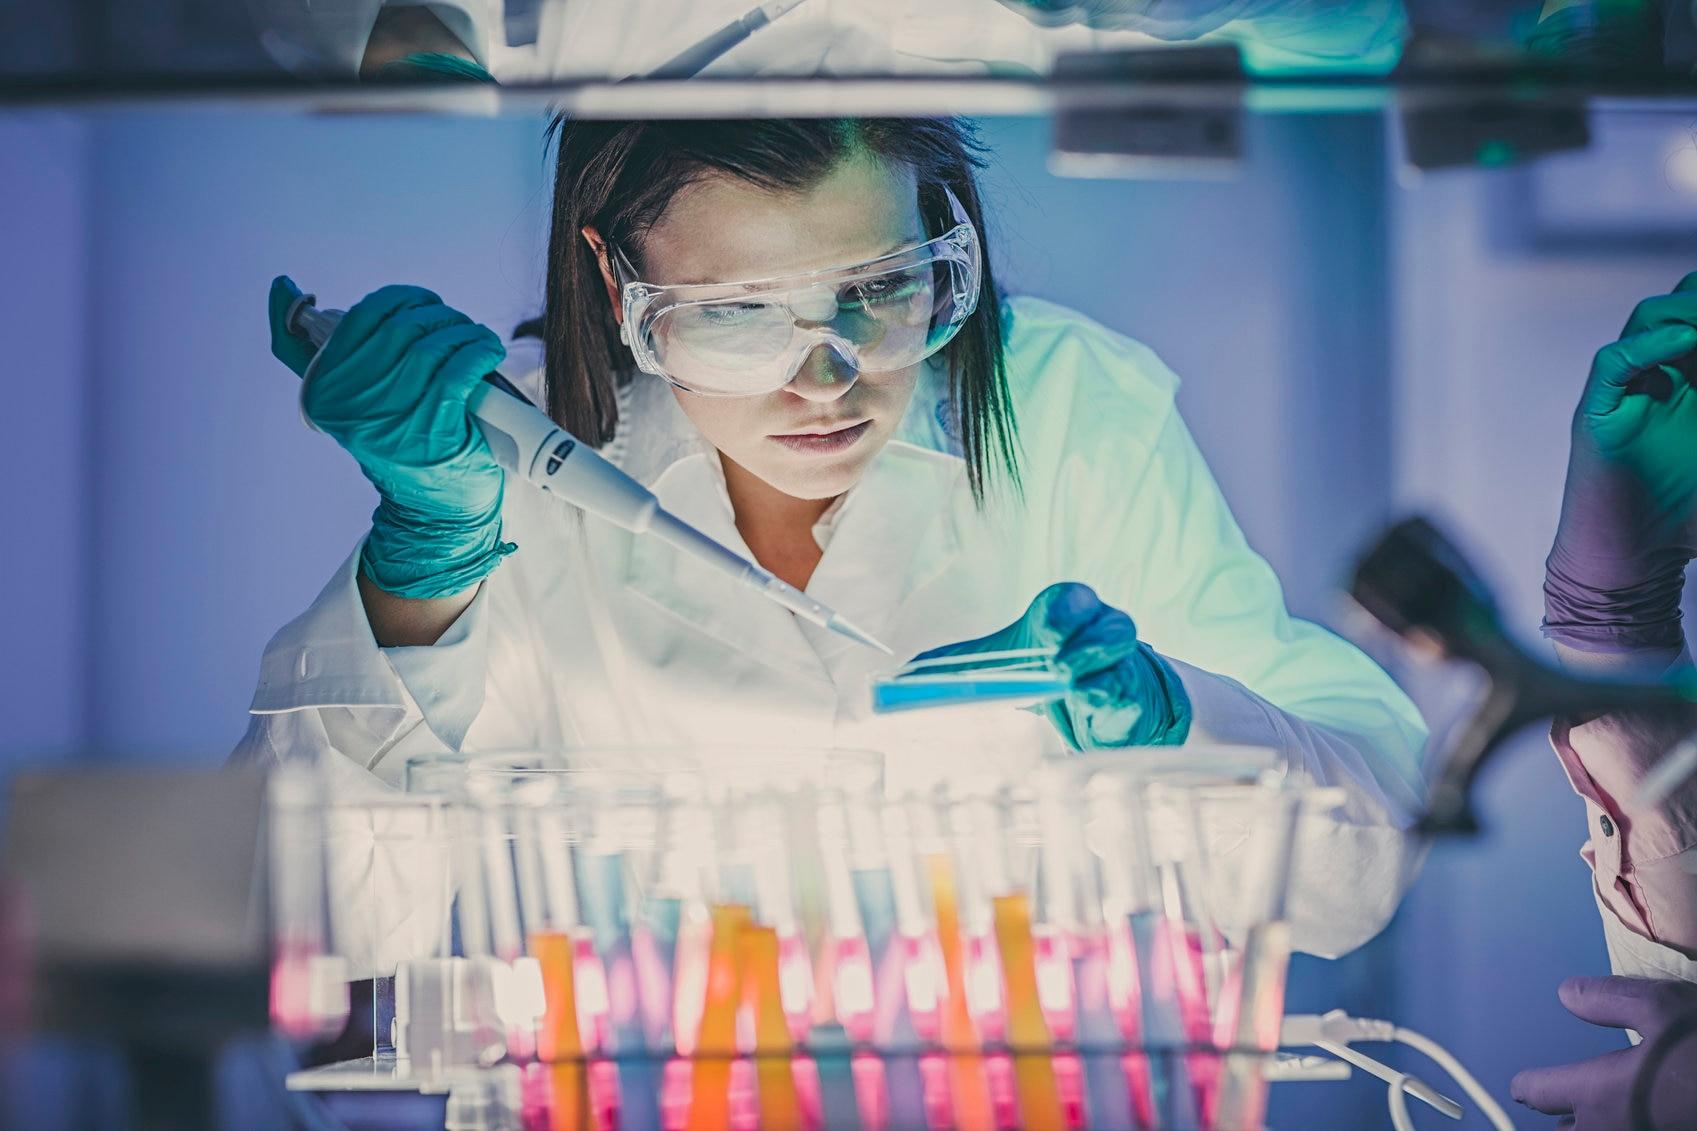 Medicina Ciencia investigación innovación Recurso